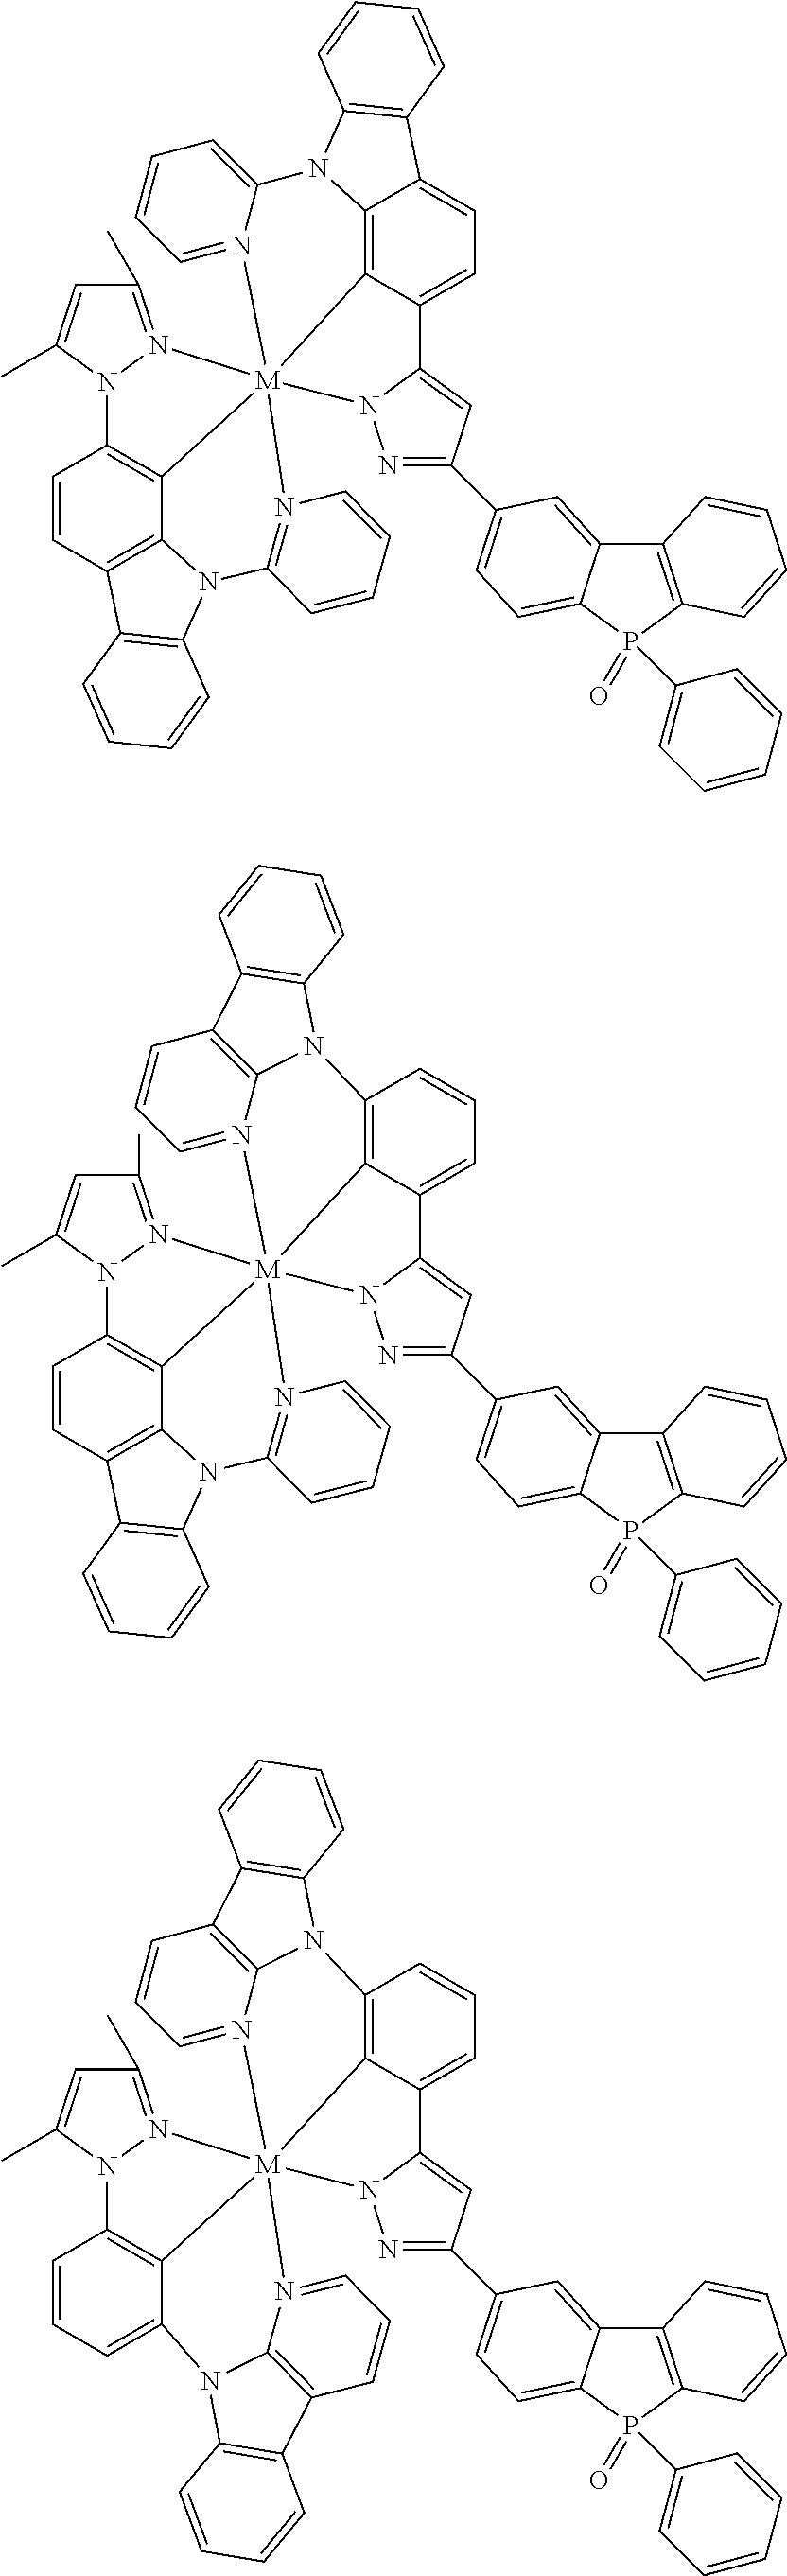 Figure US09818959-20171114-C00291